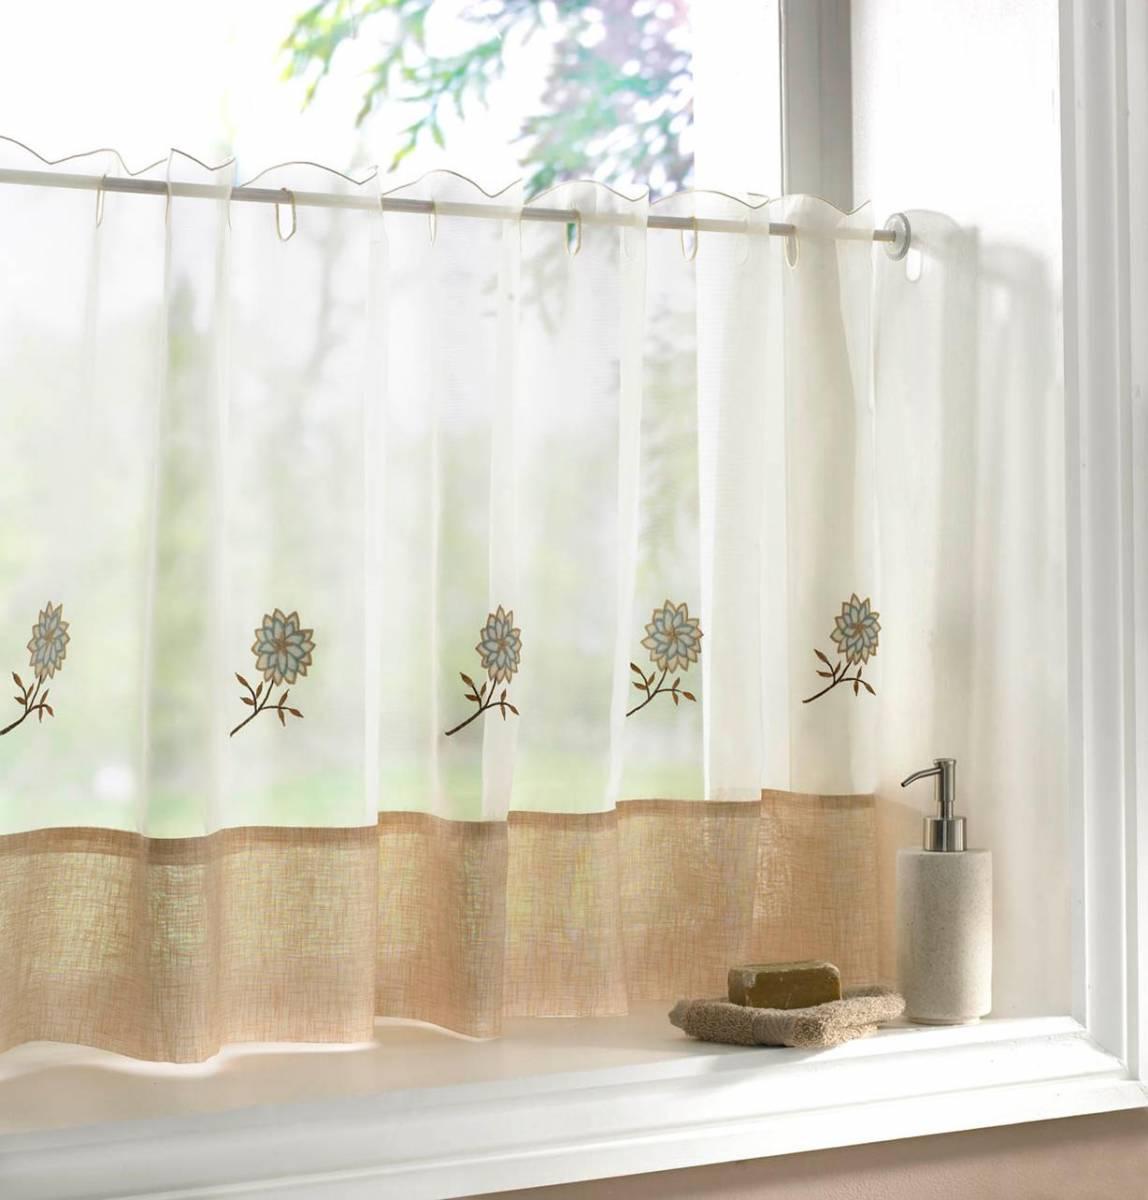 cafe net curtains the range. Black Bedroom Furniture Sets. Home Design Ideas